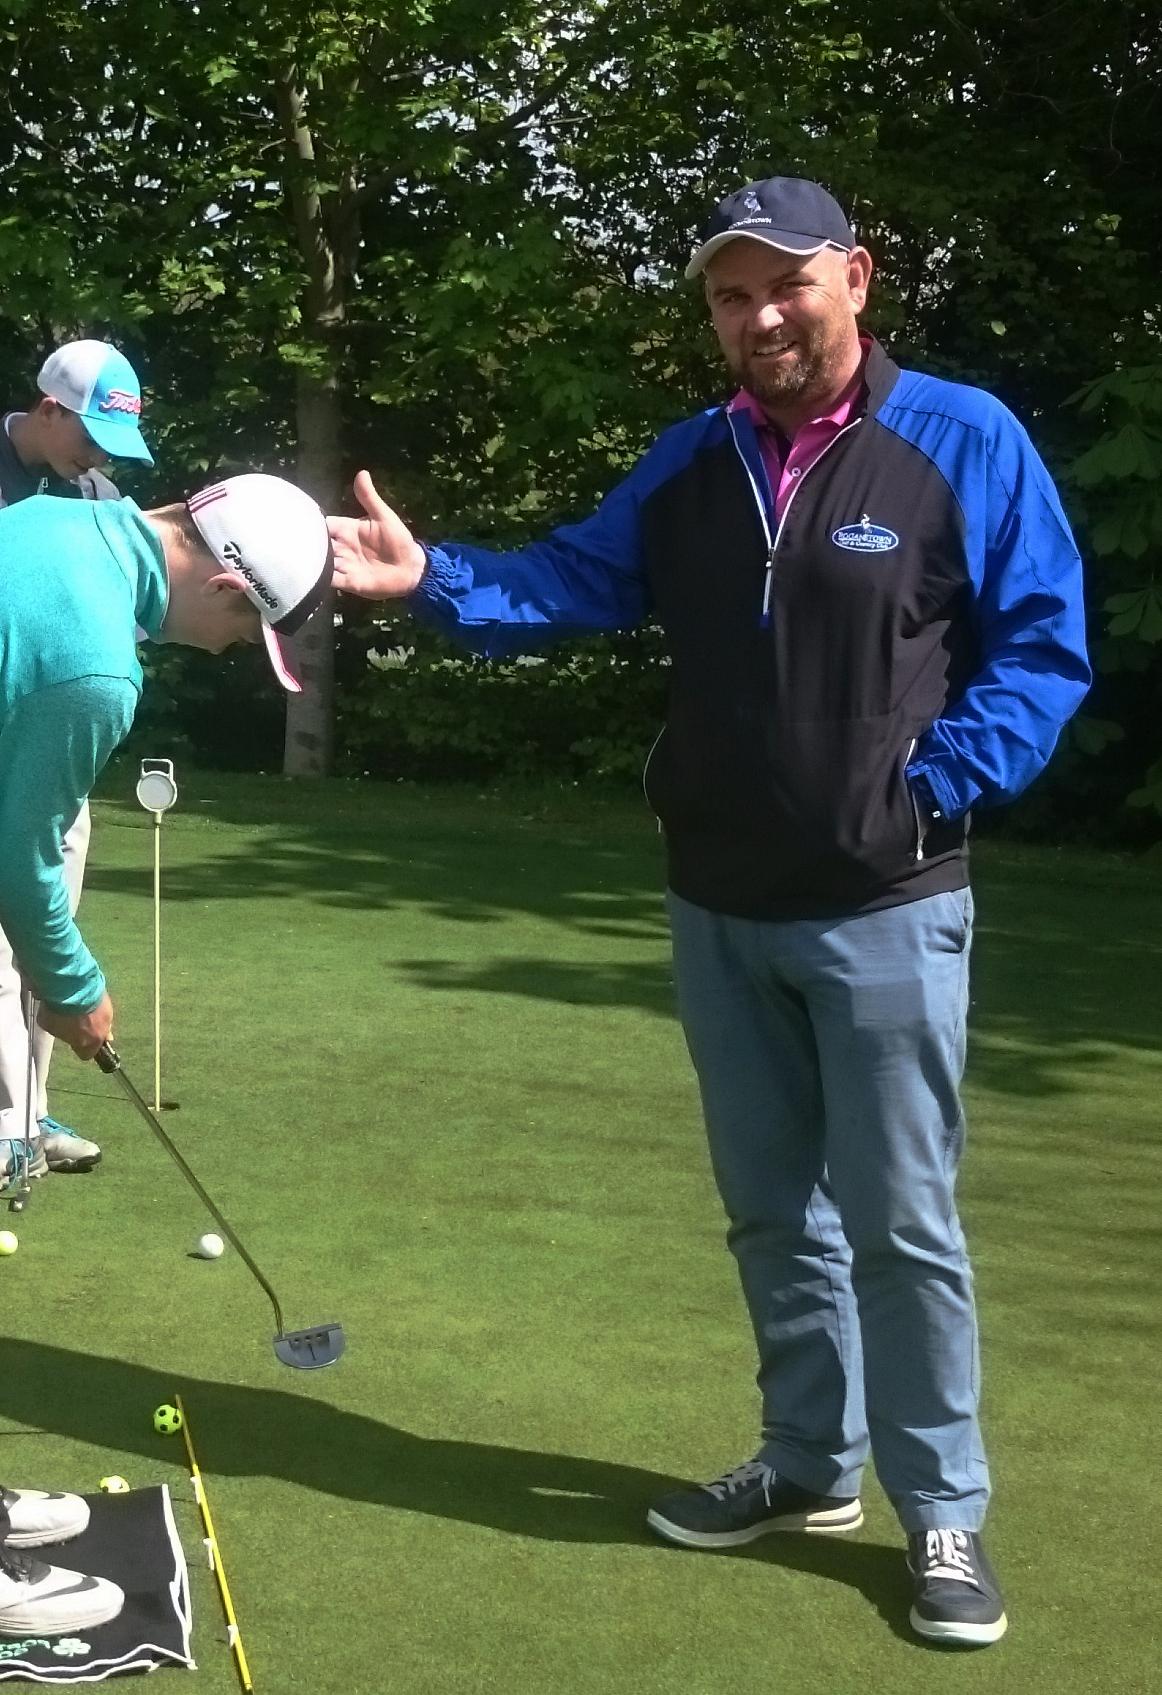 Gary-Murphy-coaching-golf-pro-juniors.jpg